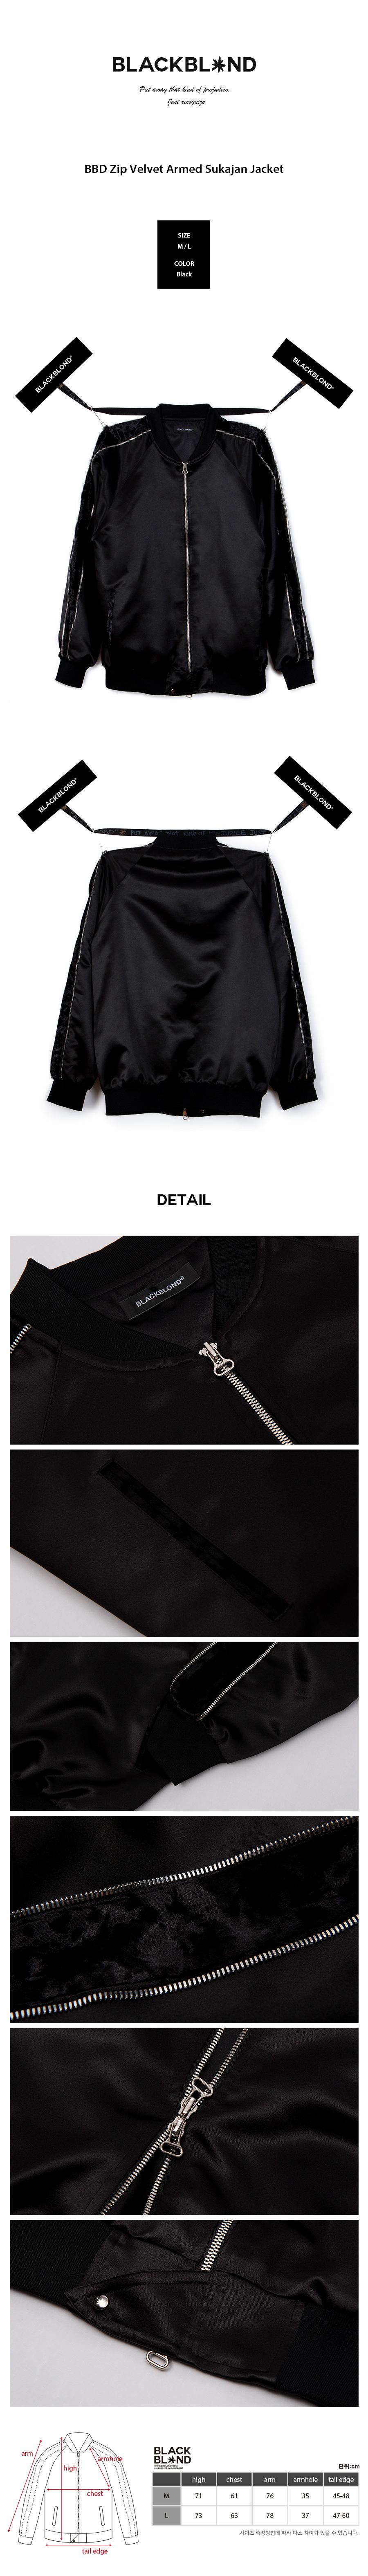 BBD-Zip-Velvet-Armed-Sukajan-Jacket-%28Black%29.jpg